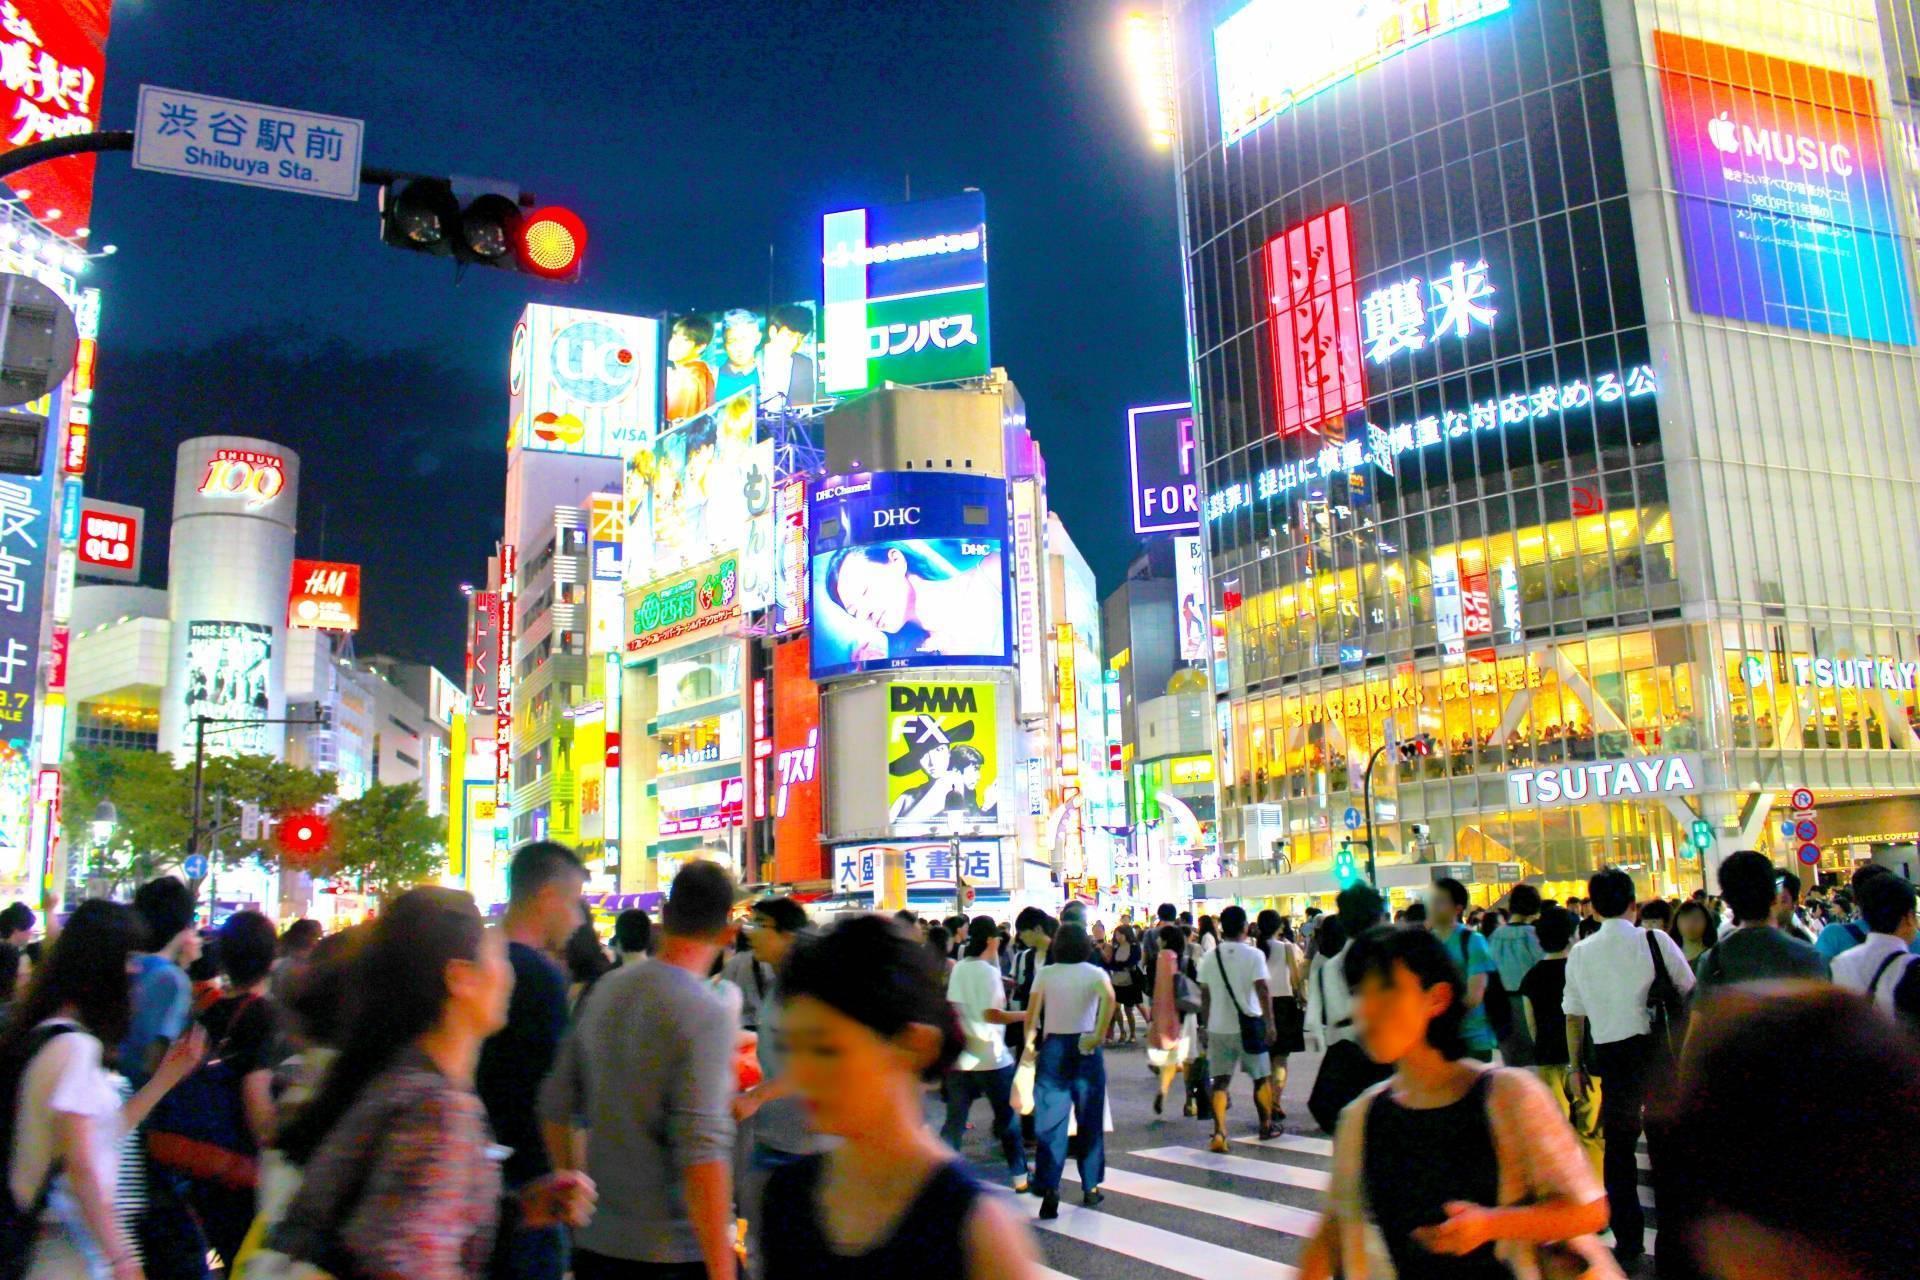 渋谷のおすすめサービスアパートメント・街の人気の秘密を調査